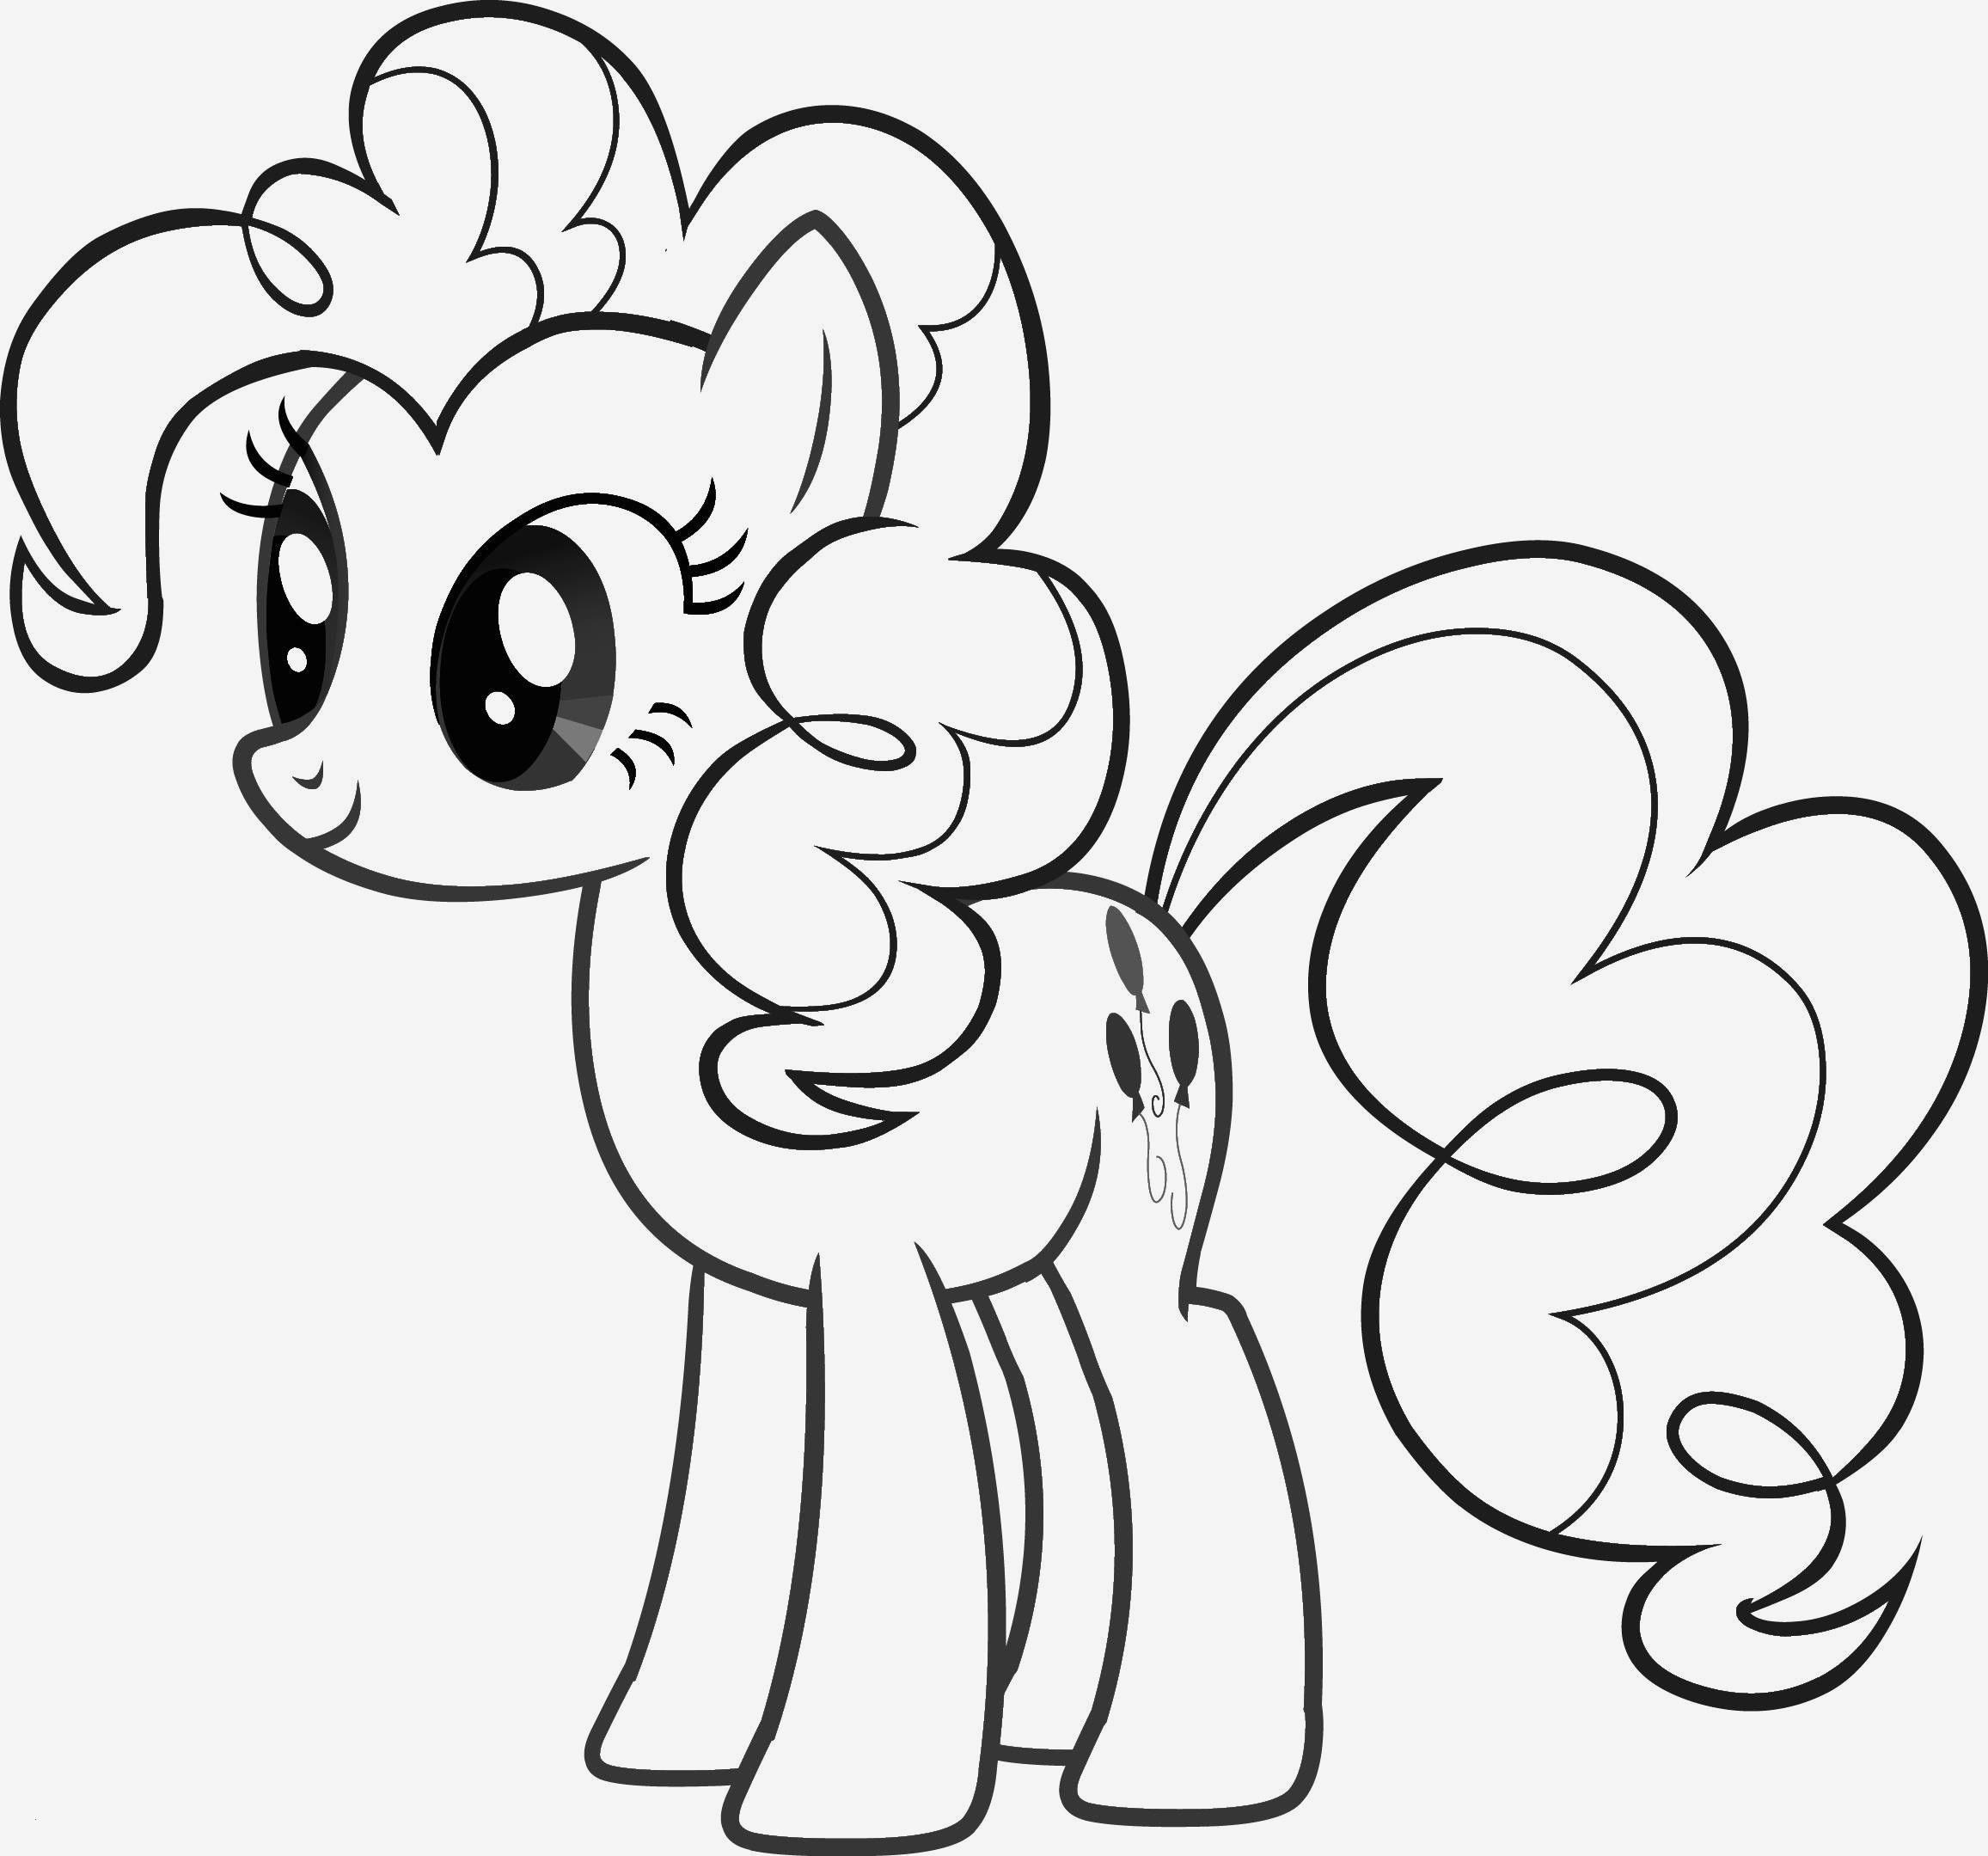 My Little Pony Friendship is Magic Ausmalbilder Neu 40 My Little Pony Friendship is Magic Ausmalbilder Scoredatscore Fotografieren